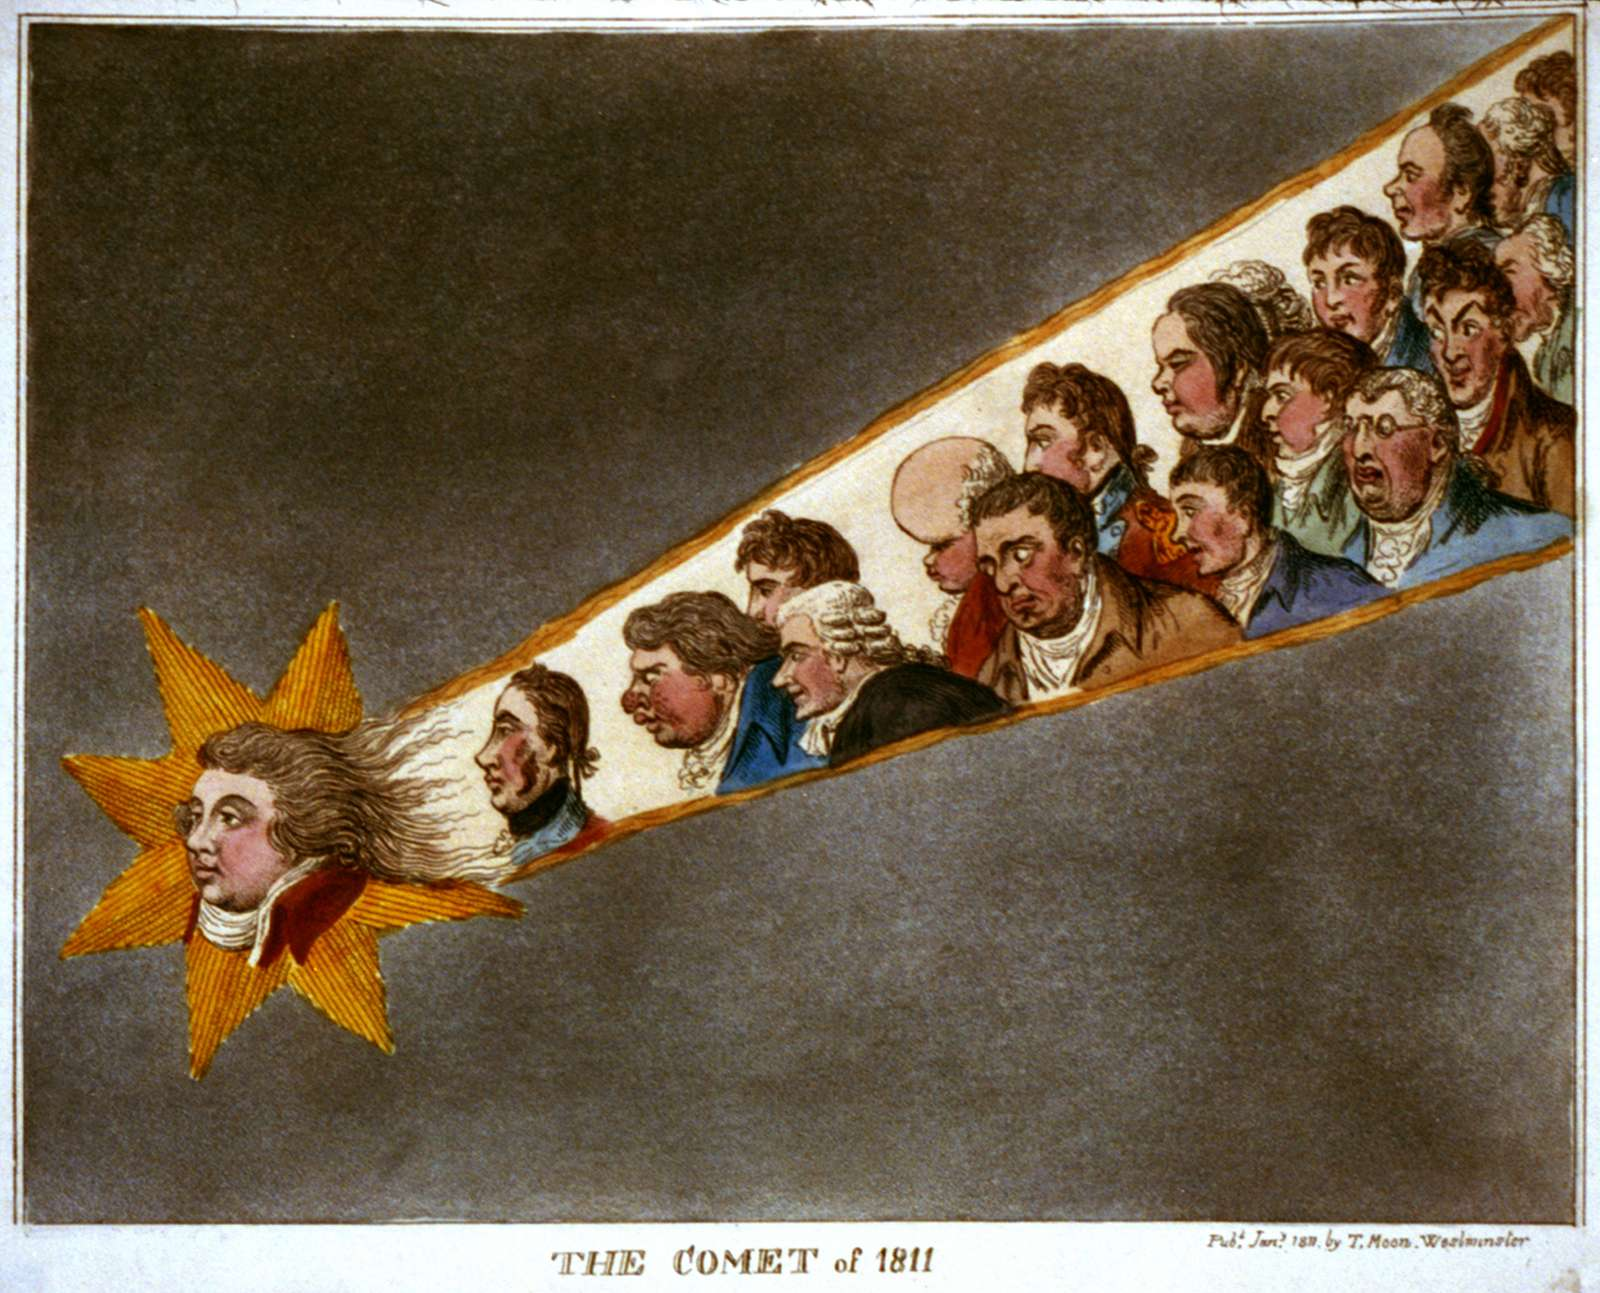 The comet of 1811